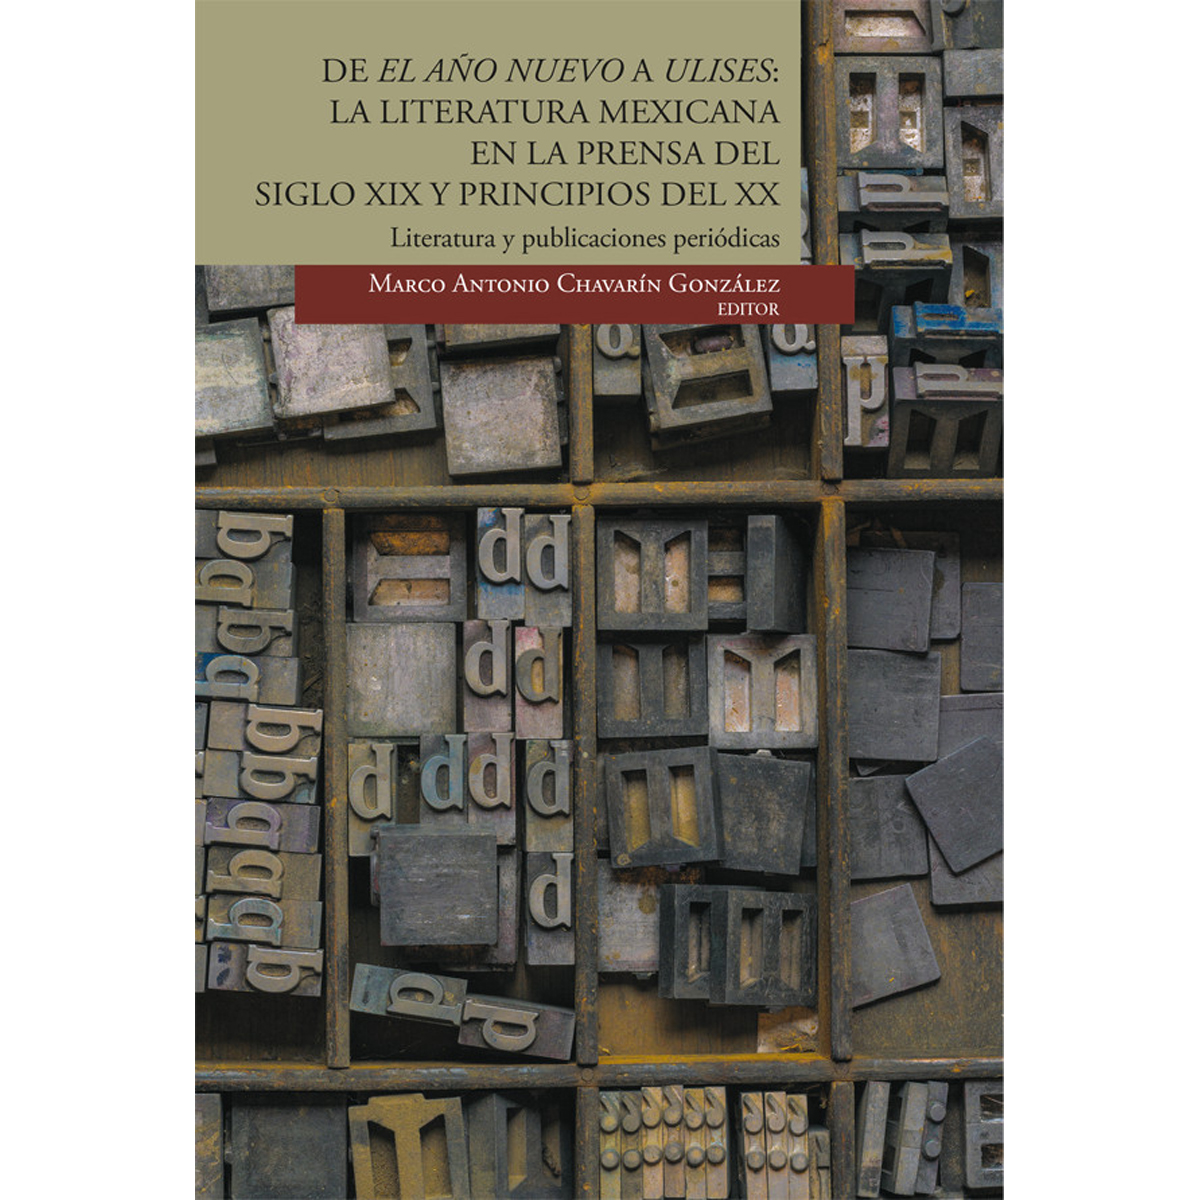 De el Año Nuevo a Ulises: la literatura mexicana en la prensa del siglo XIX y principios del XX